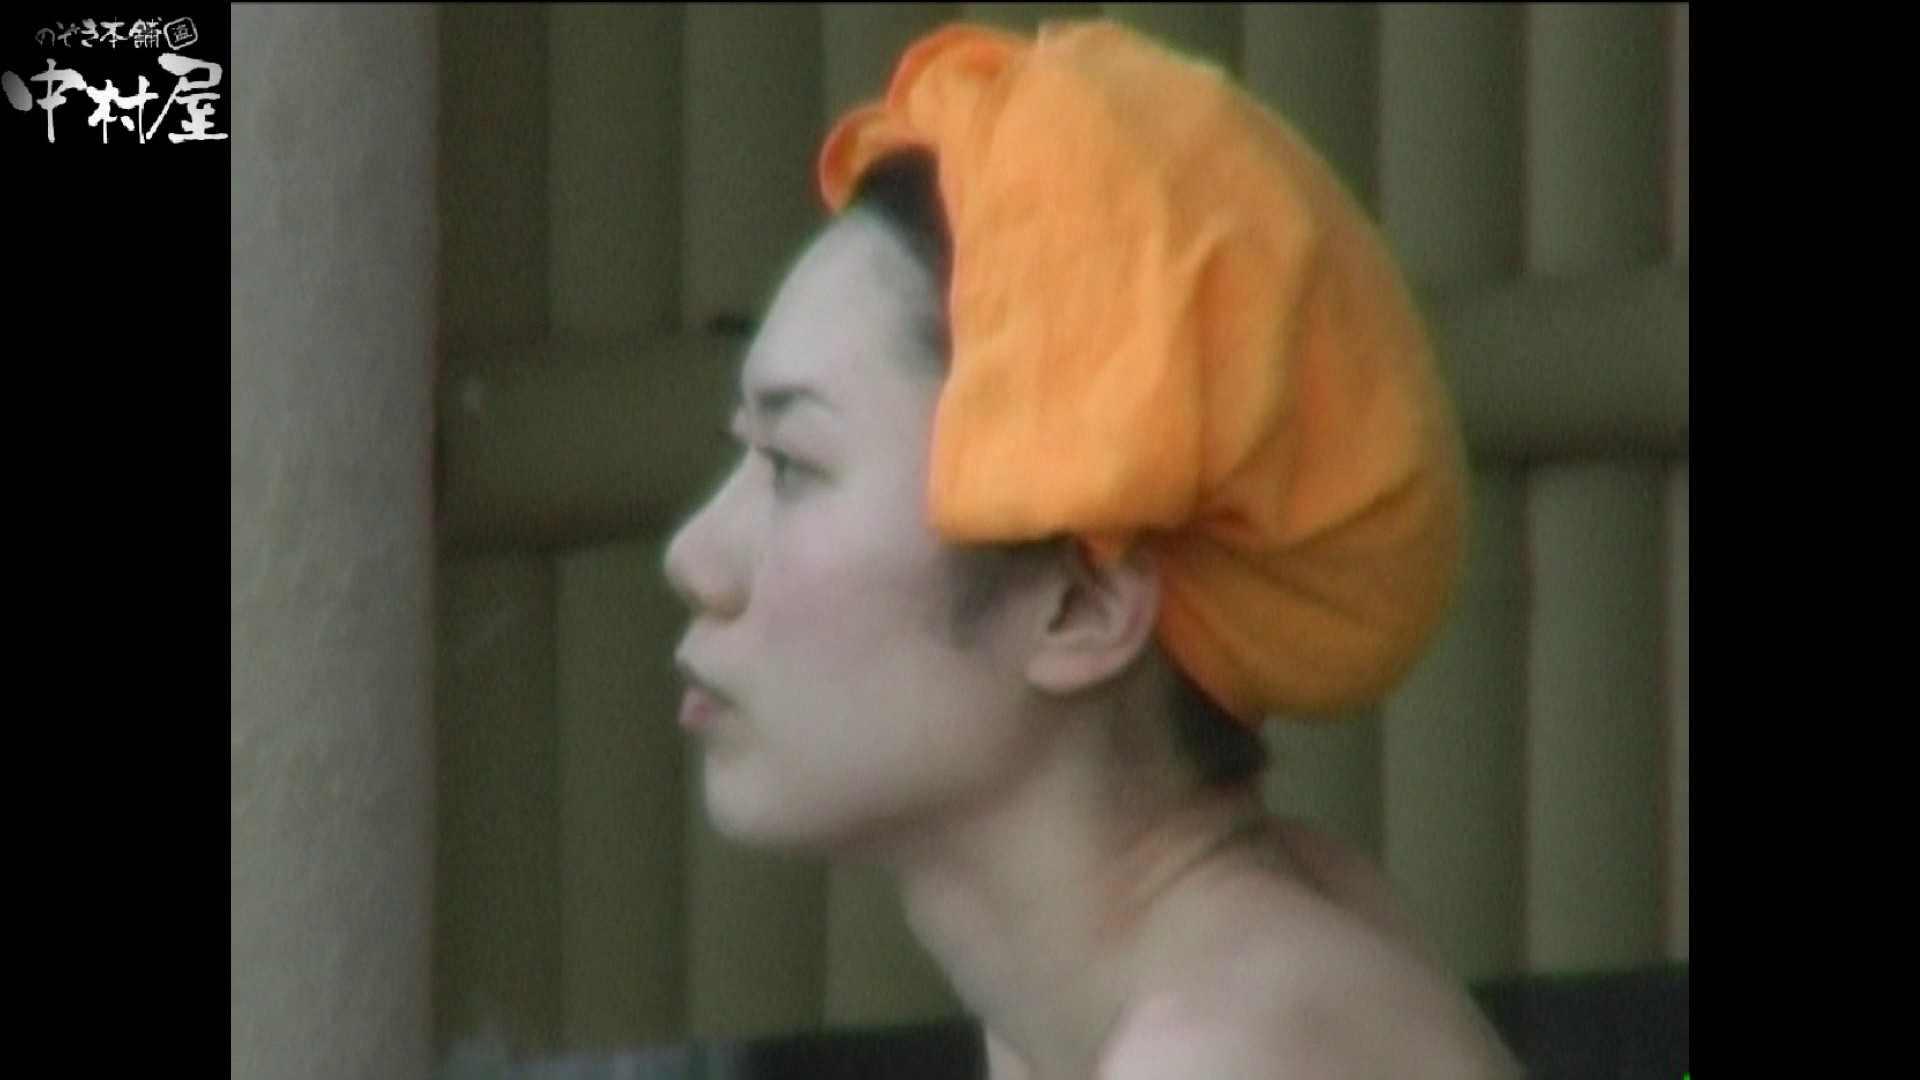 Aquaな露天風呂Vol.978 盗撮 | 露天風呂  73連発 43